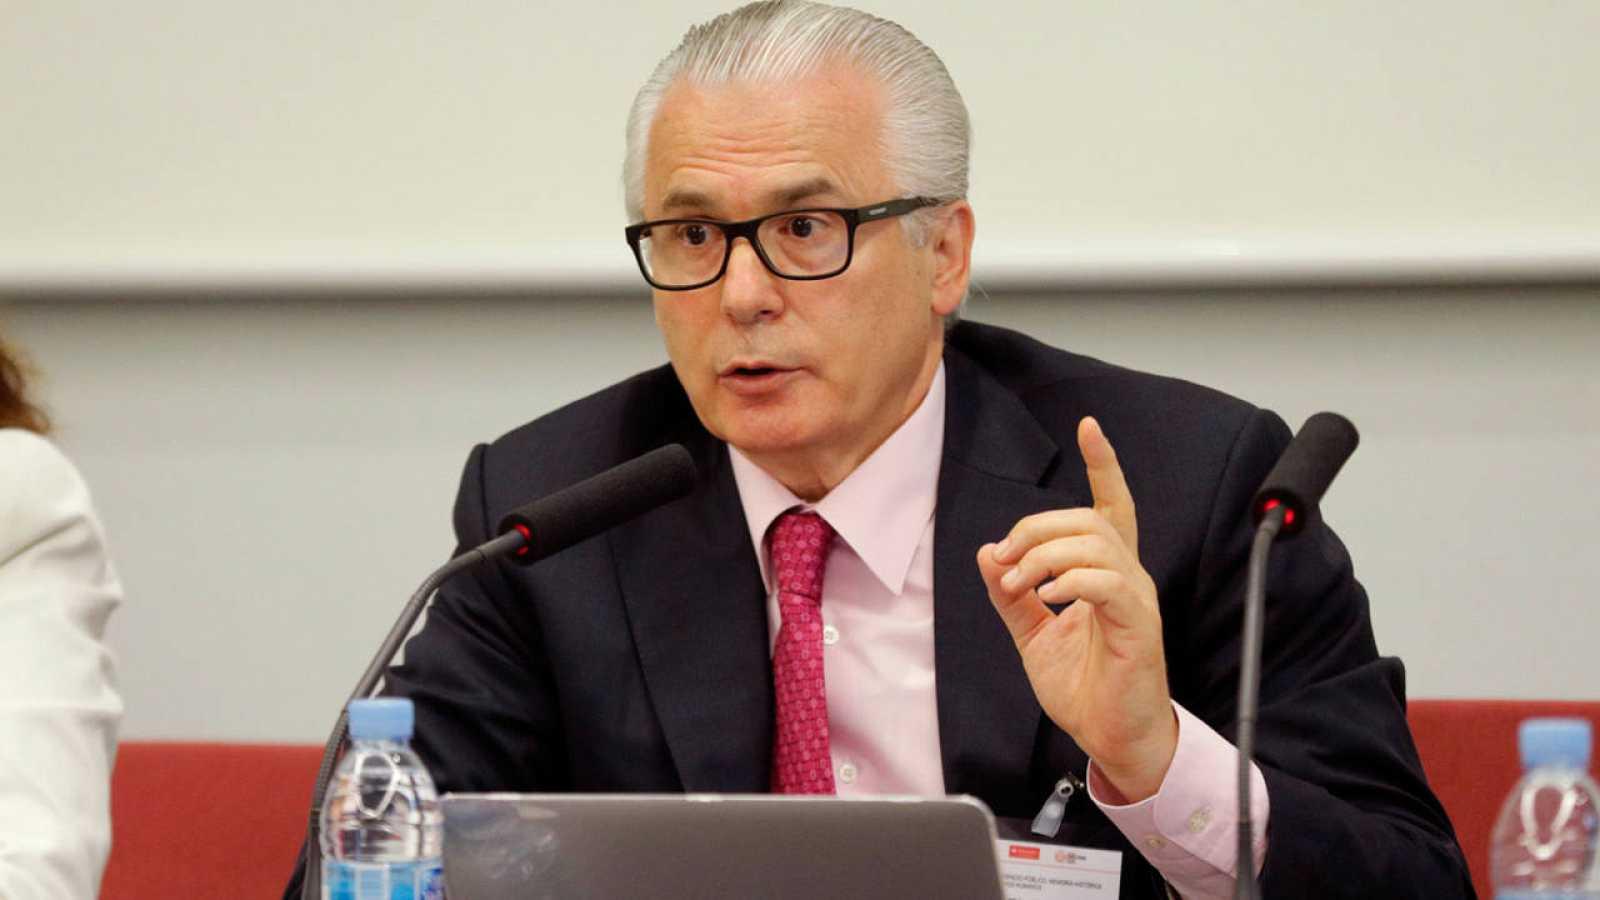 El exjuez de la Audiencia Nacional Baltasar Garzón en una conferencia sobre memoria histórica.